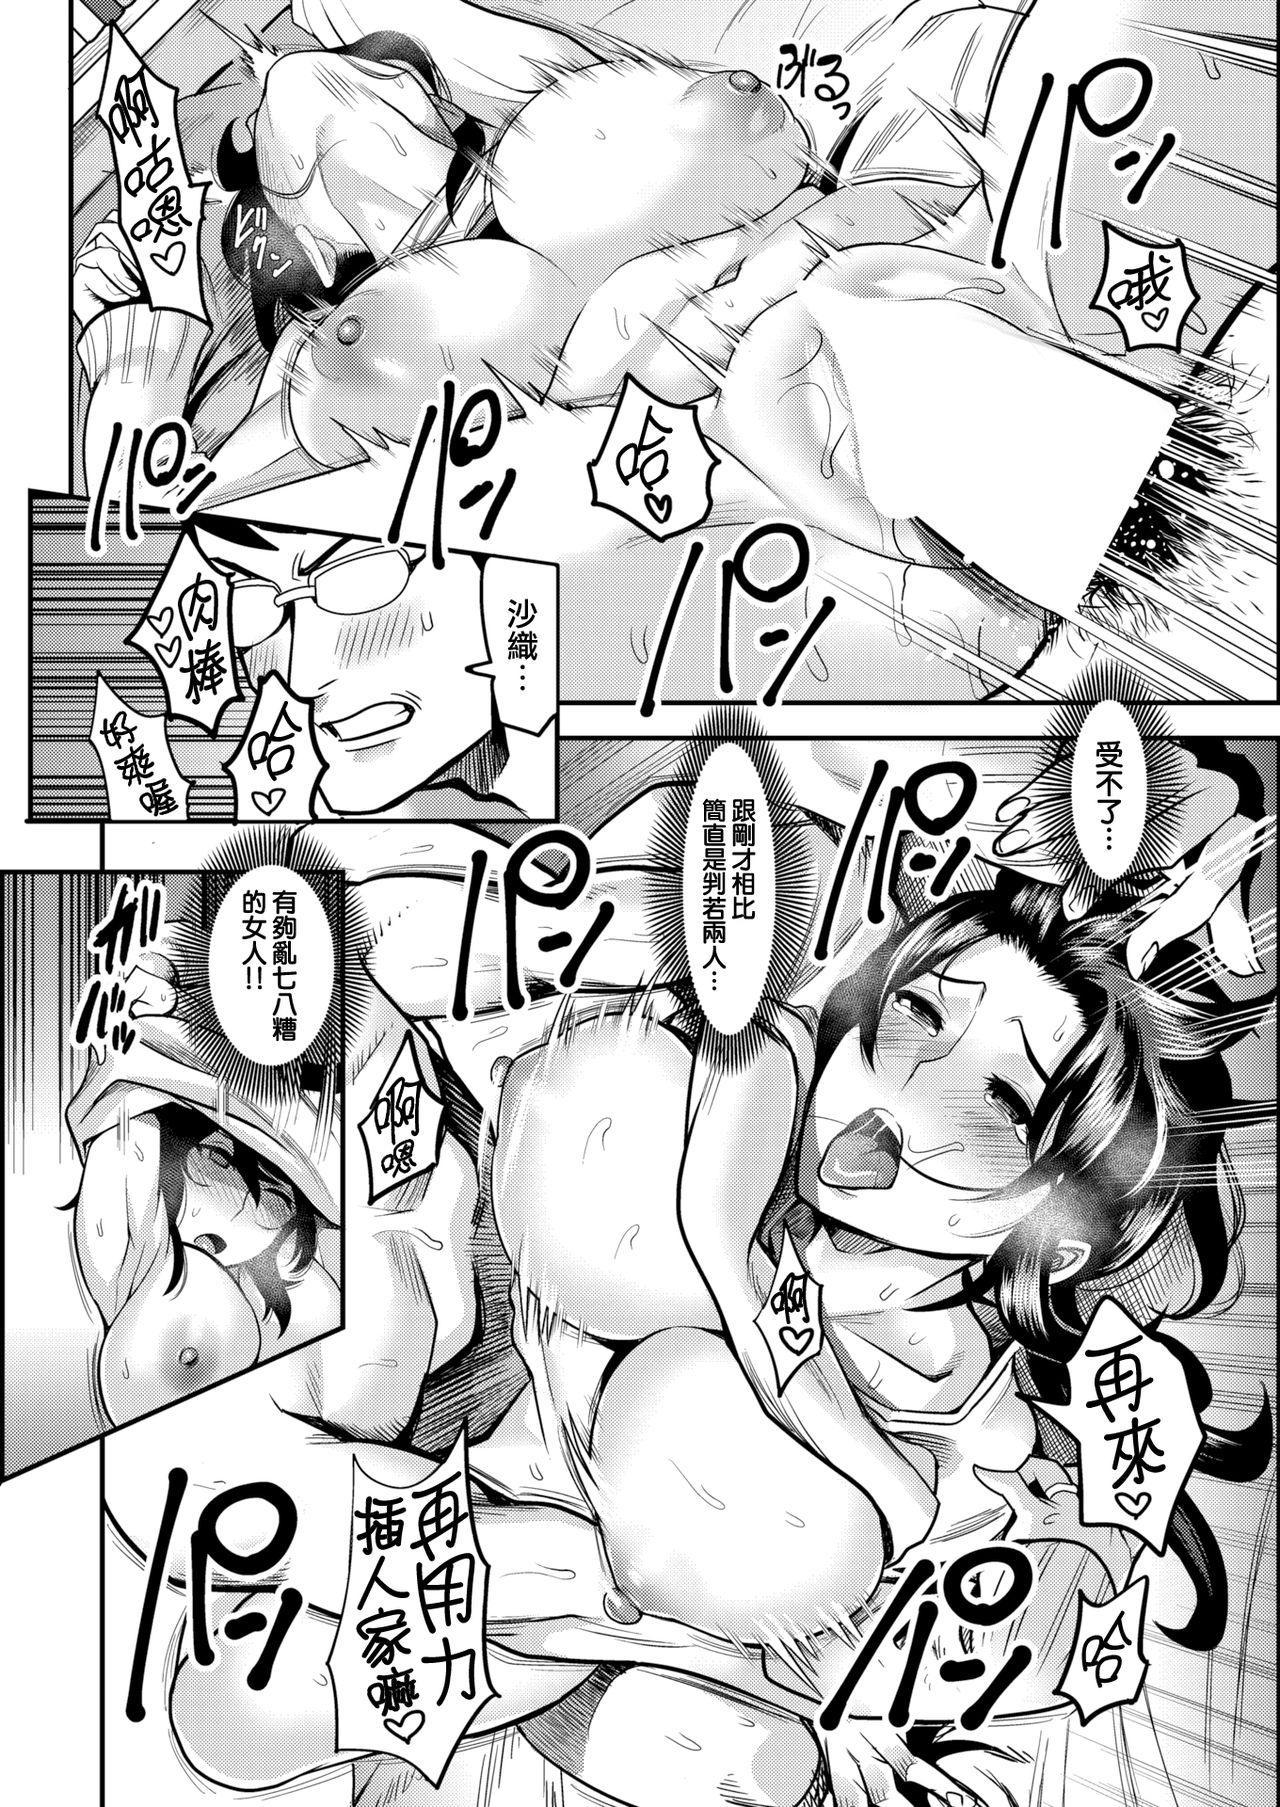 Hitozuma no Hinkaku 13